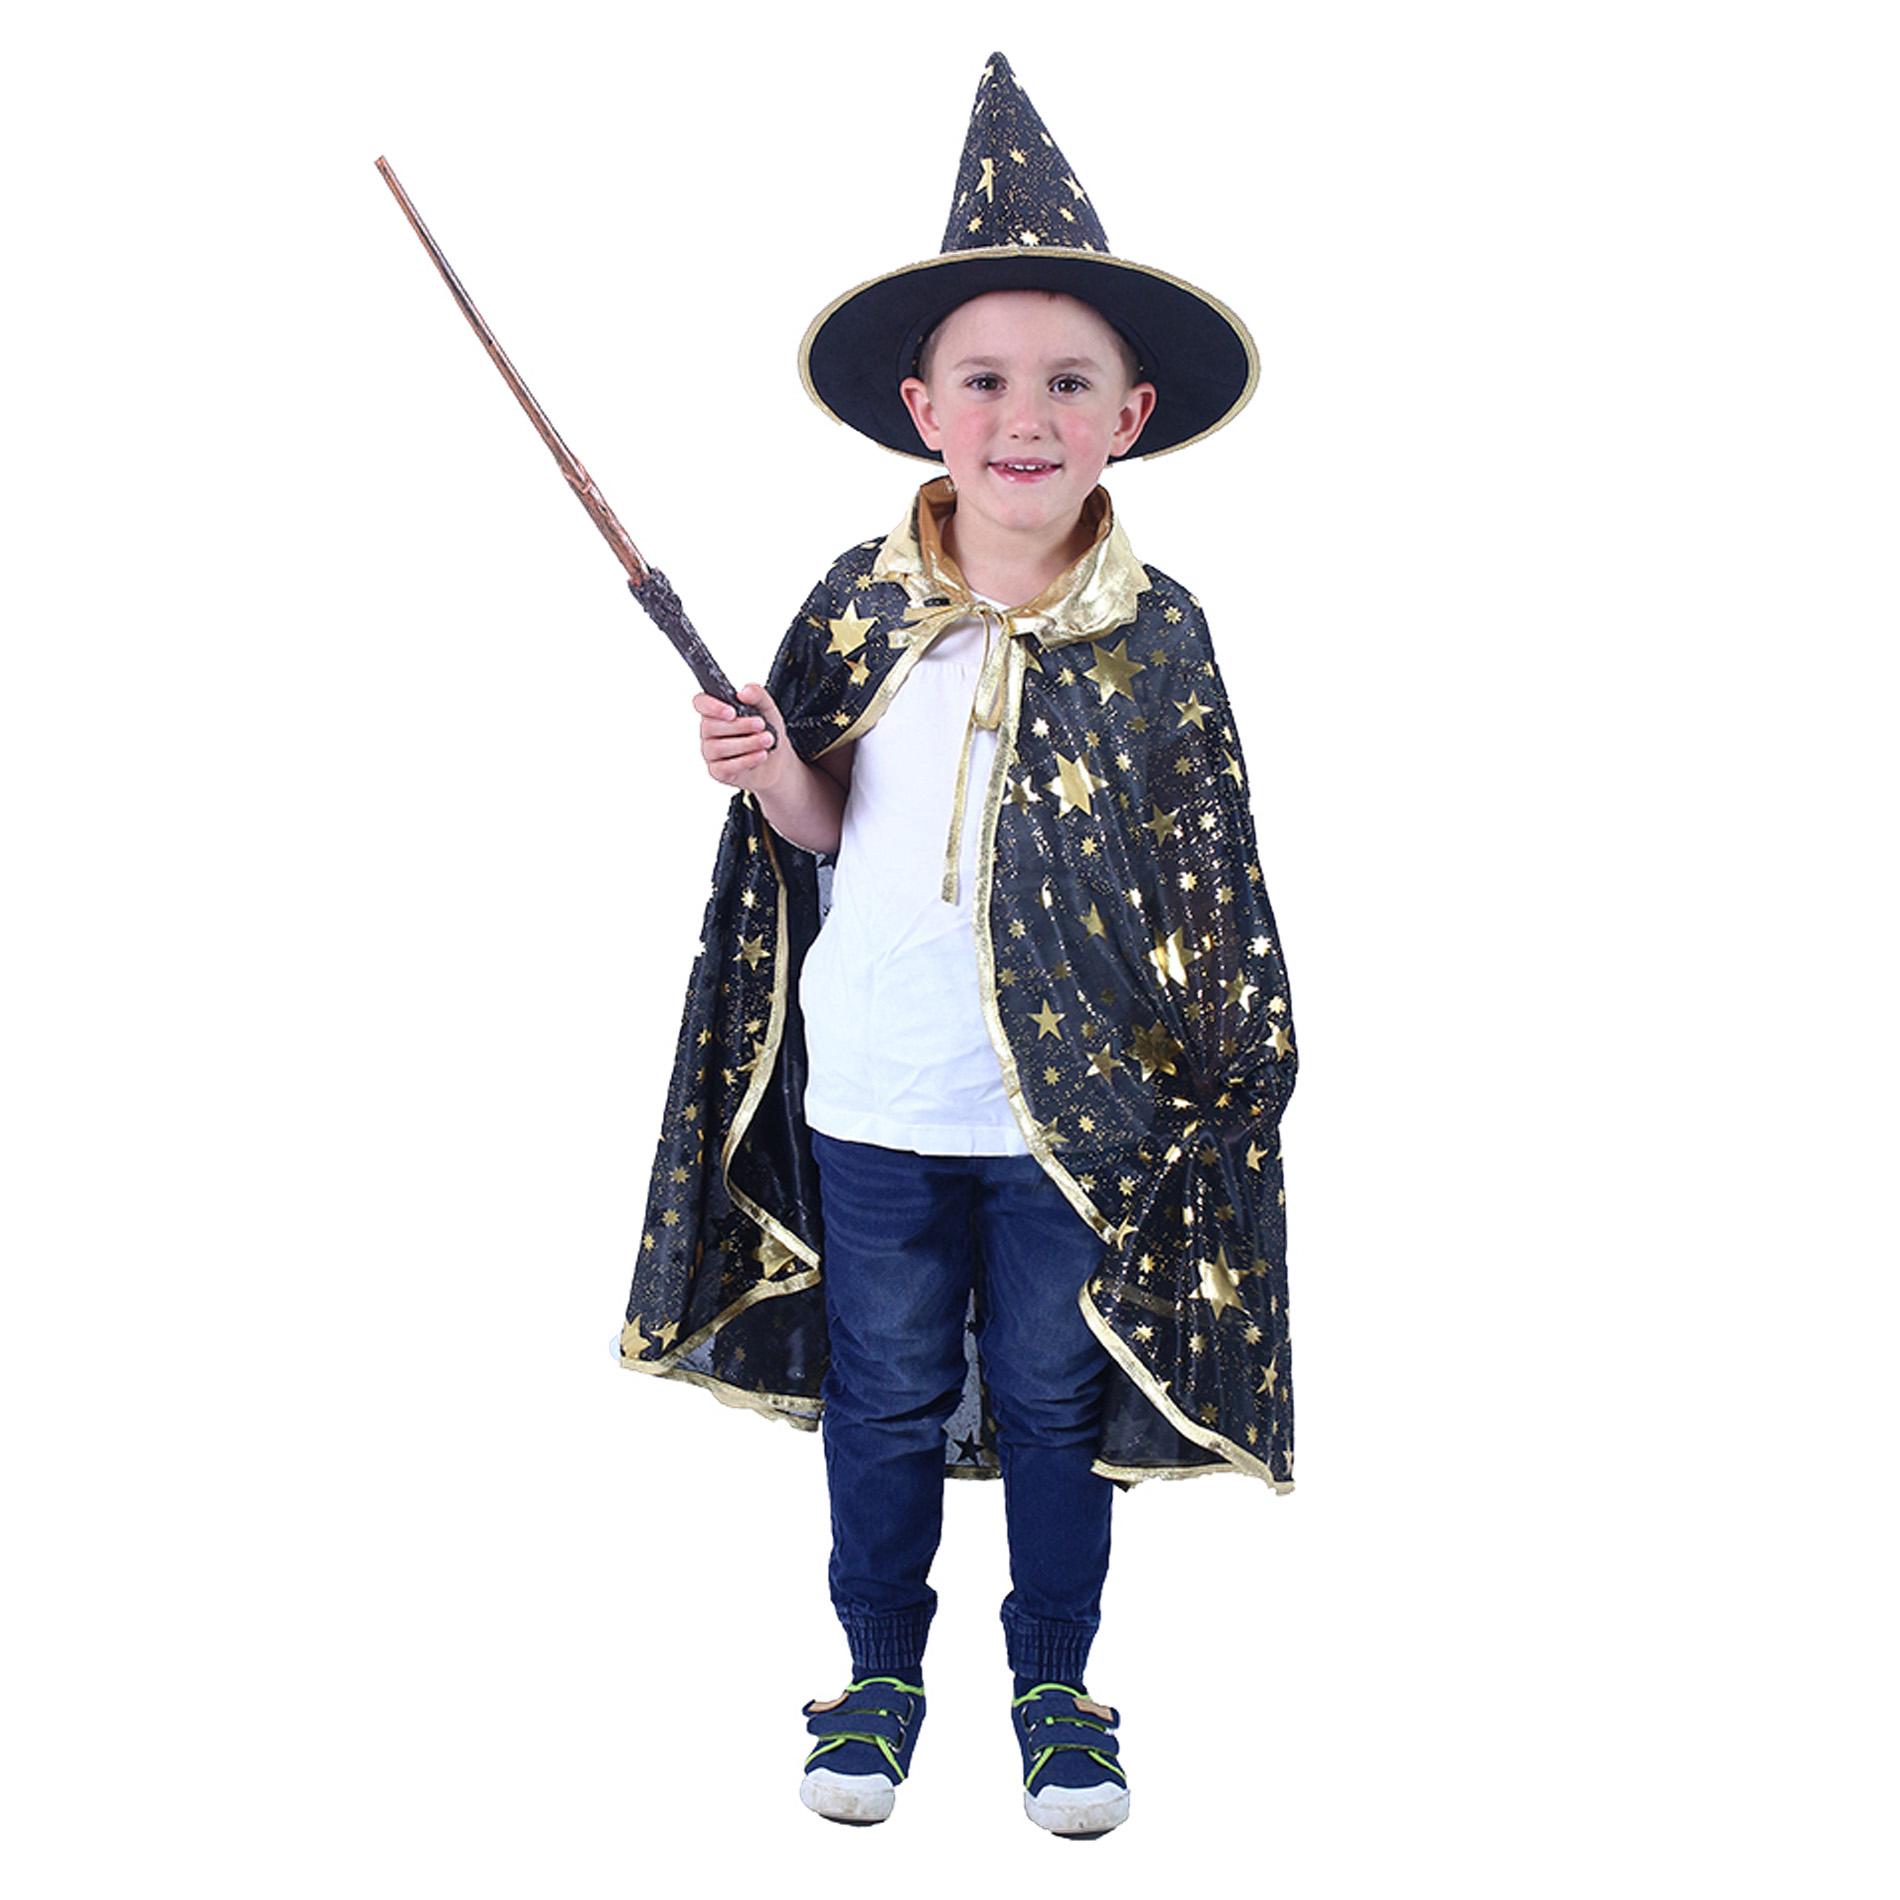 Dětský plášť černý s kloboukem čarodějnice/Hallowe